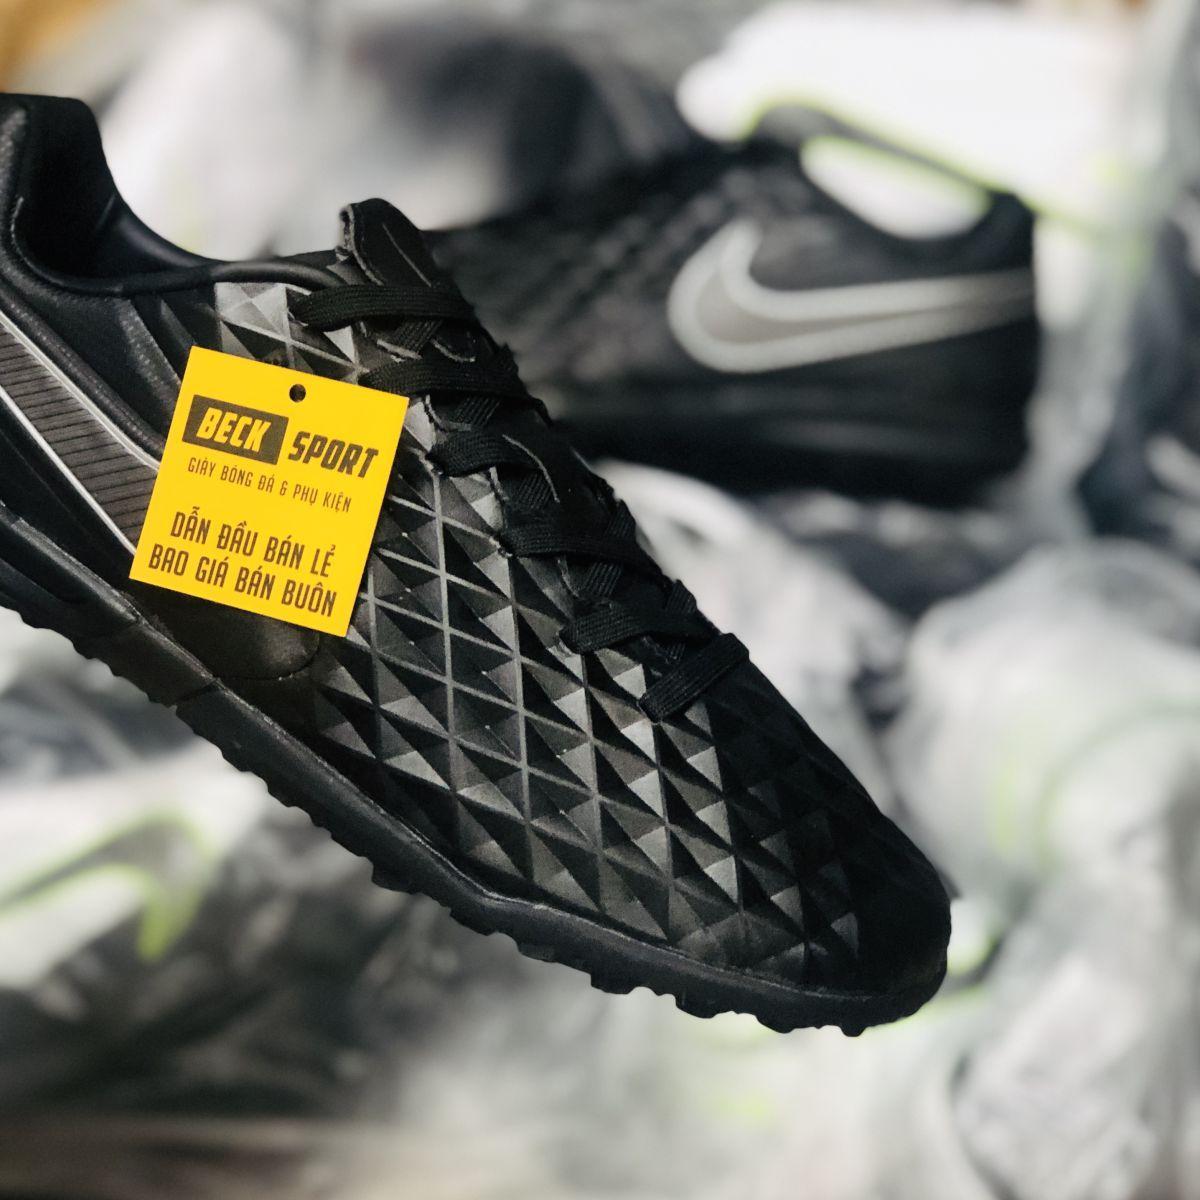 Giày Bóng Đá Nike Tiempo Legend 8 Pro Đen Tuyền HQ TF